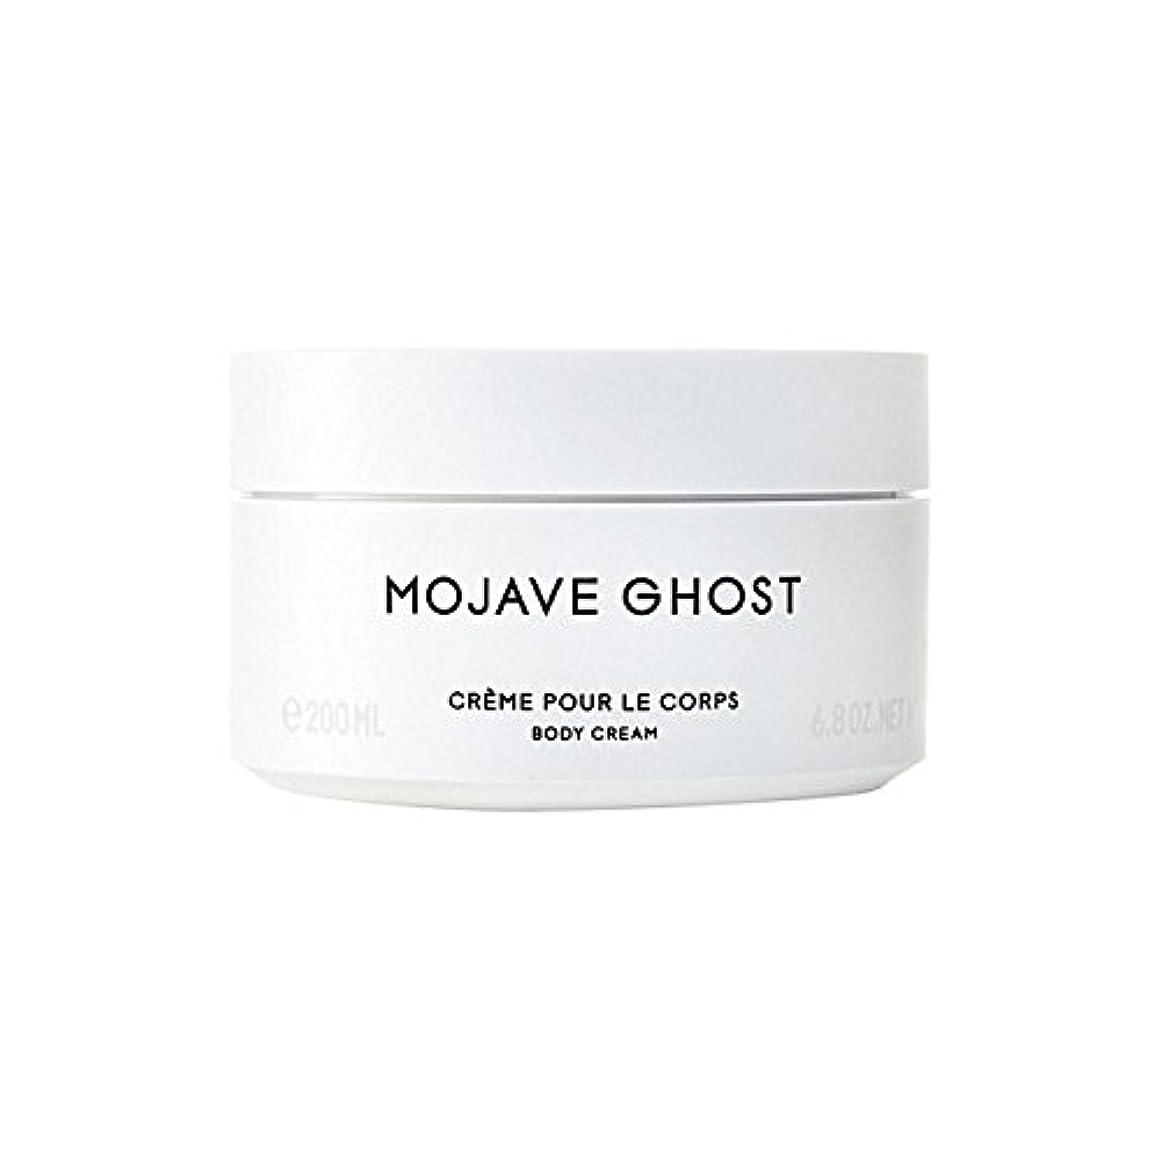 平野胆嚢受粉者モハーベゴーストボディクリーム200ミリリットル x4 - Byredo Mojave Ghost Body Cream 200ml (Pack of 4) [並行輸入品]